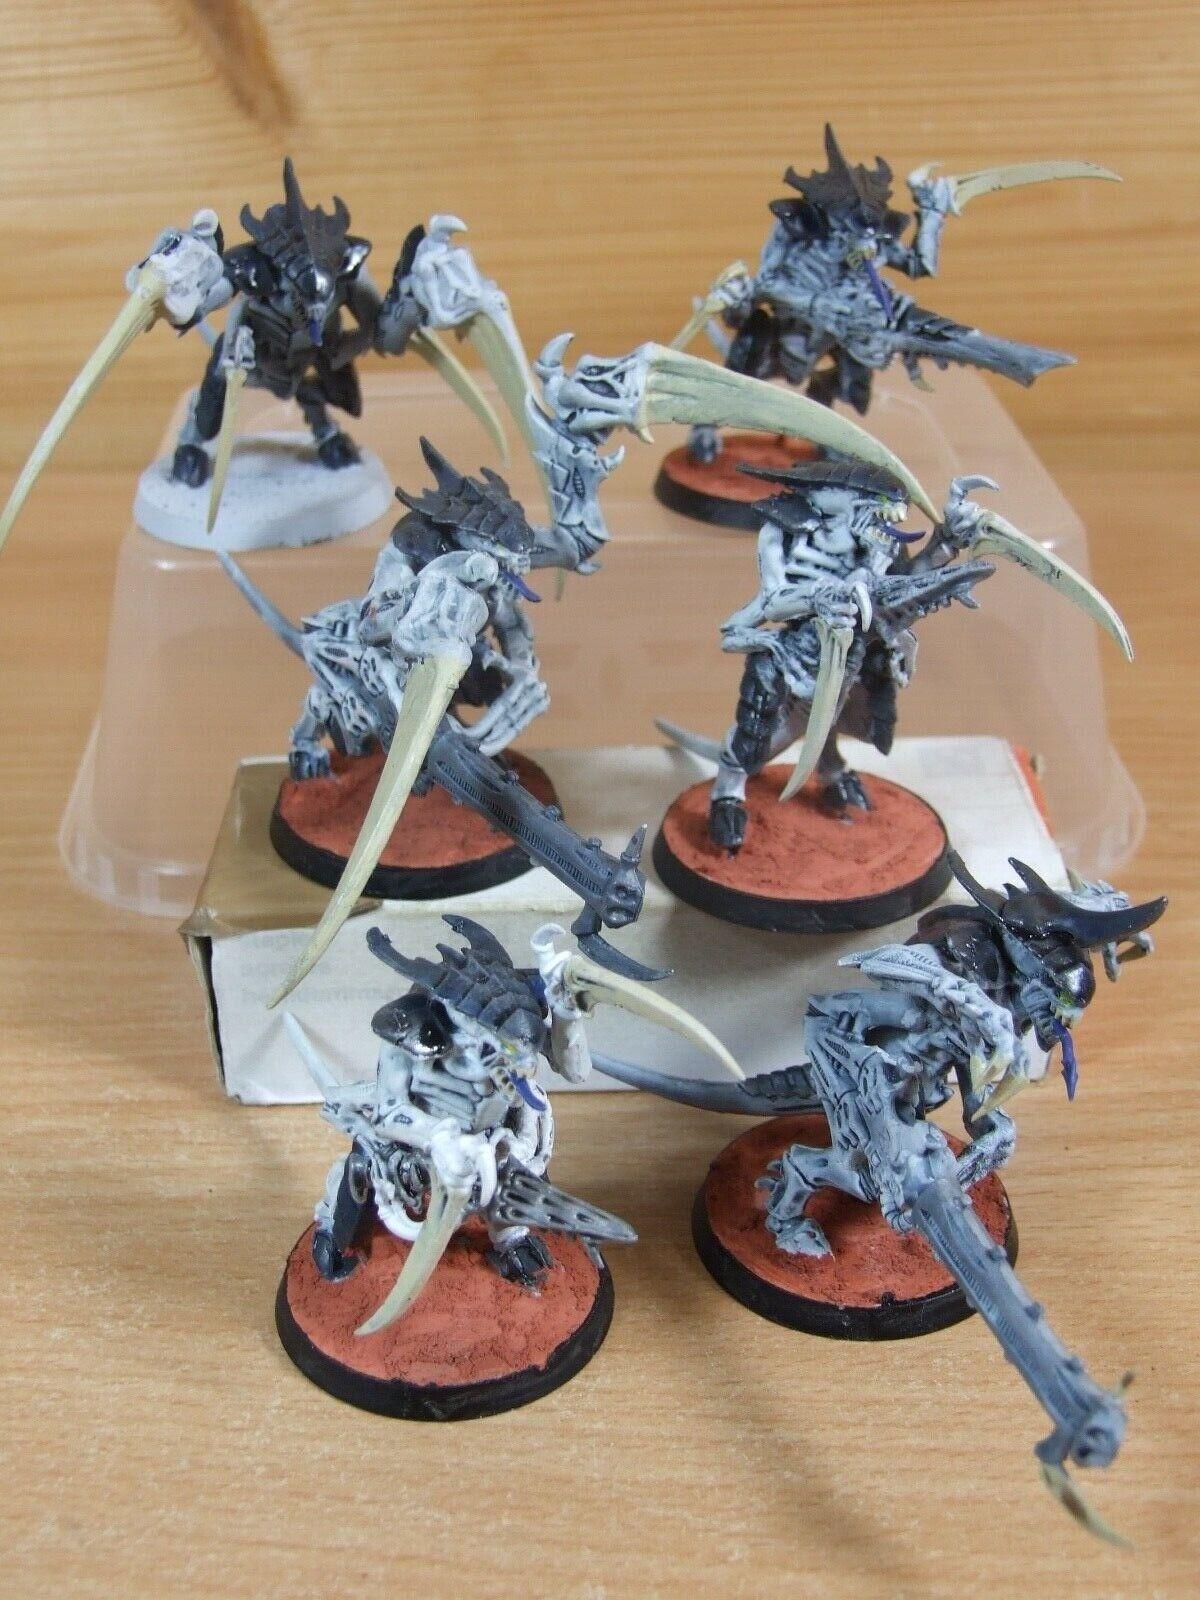 6 Plastique WARHAMMER Tyranid guerriers peint (L)